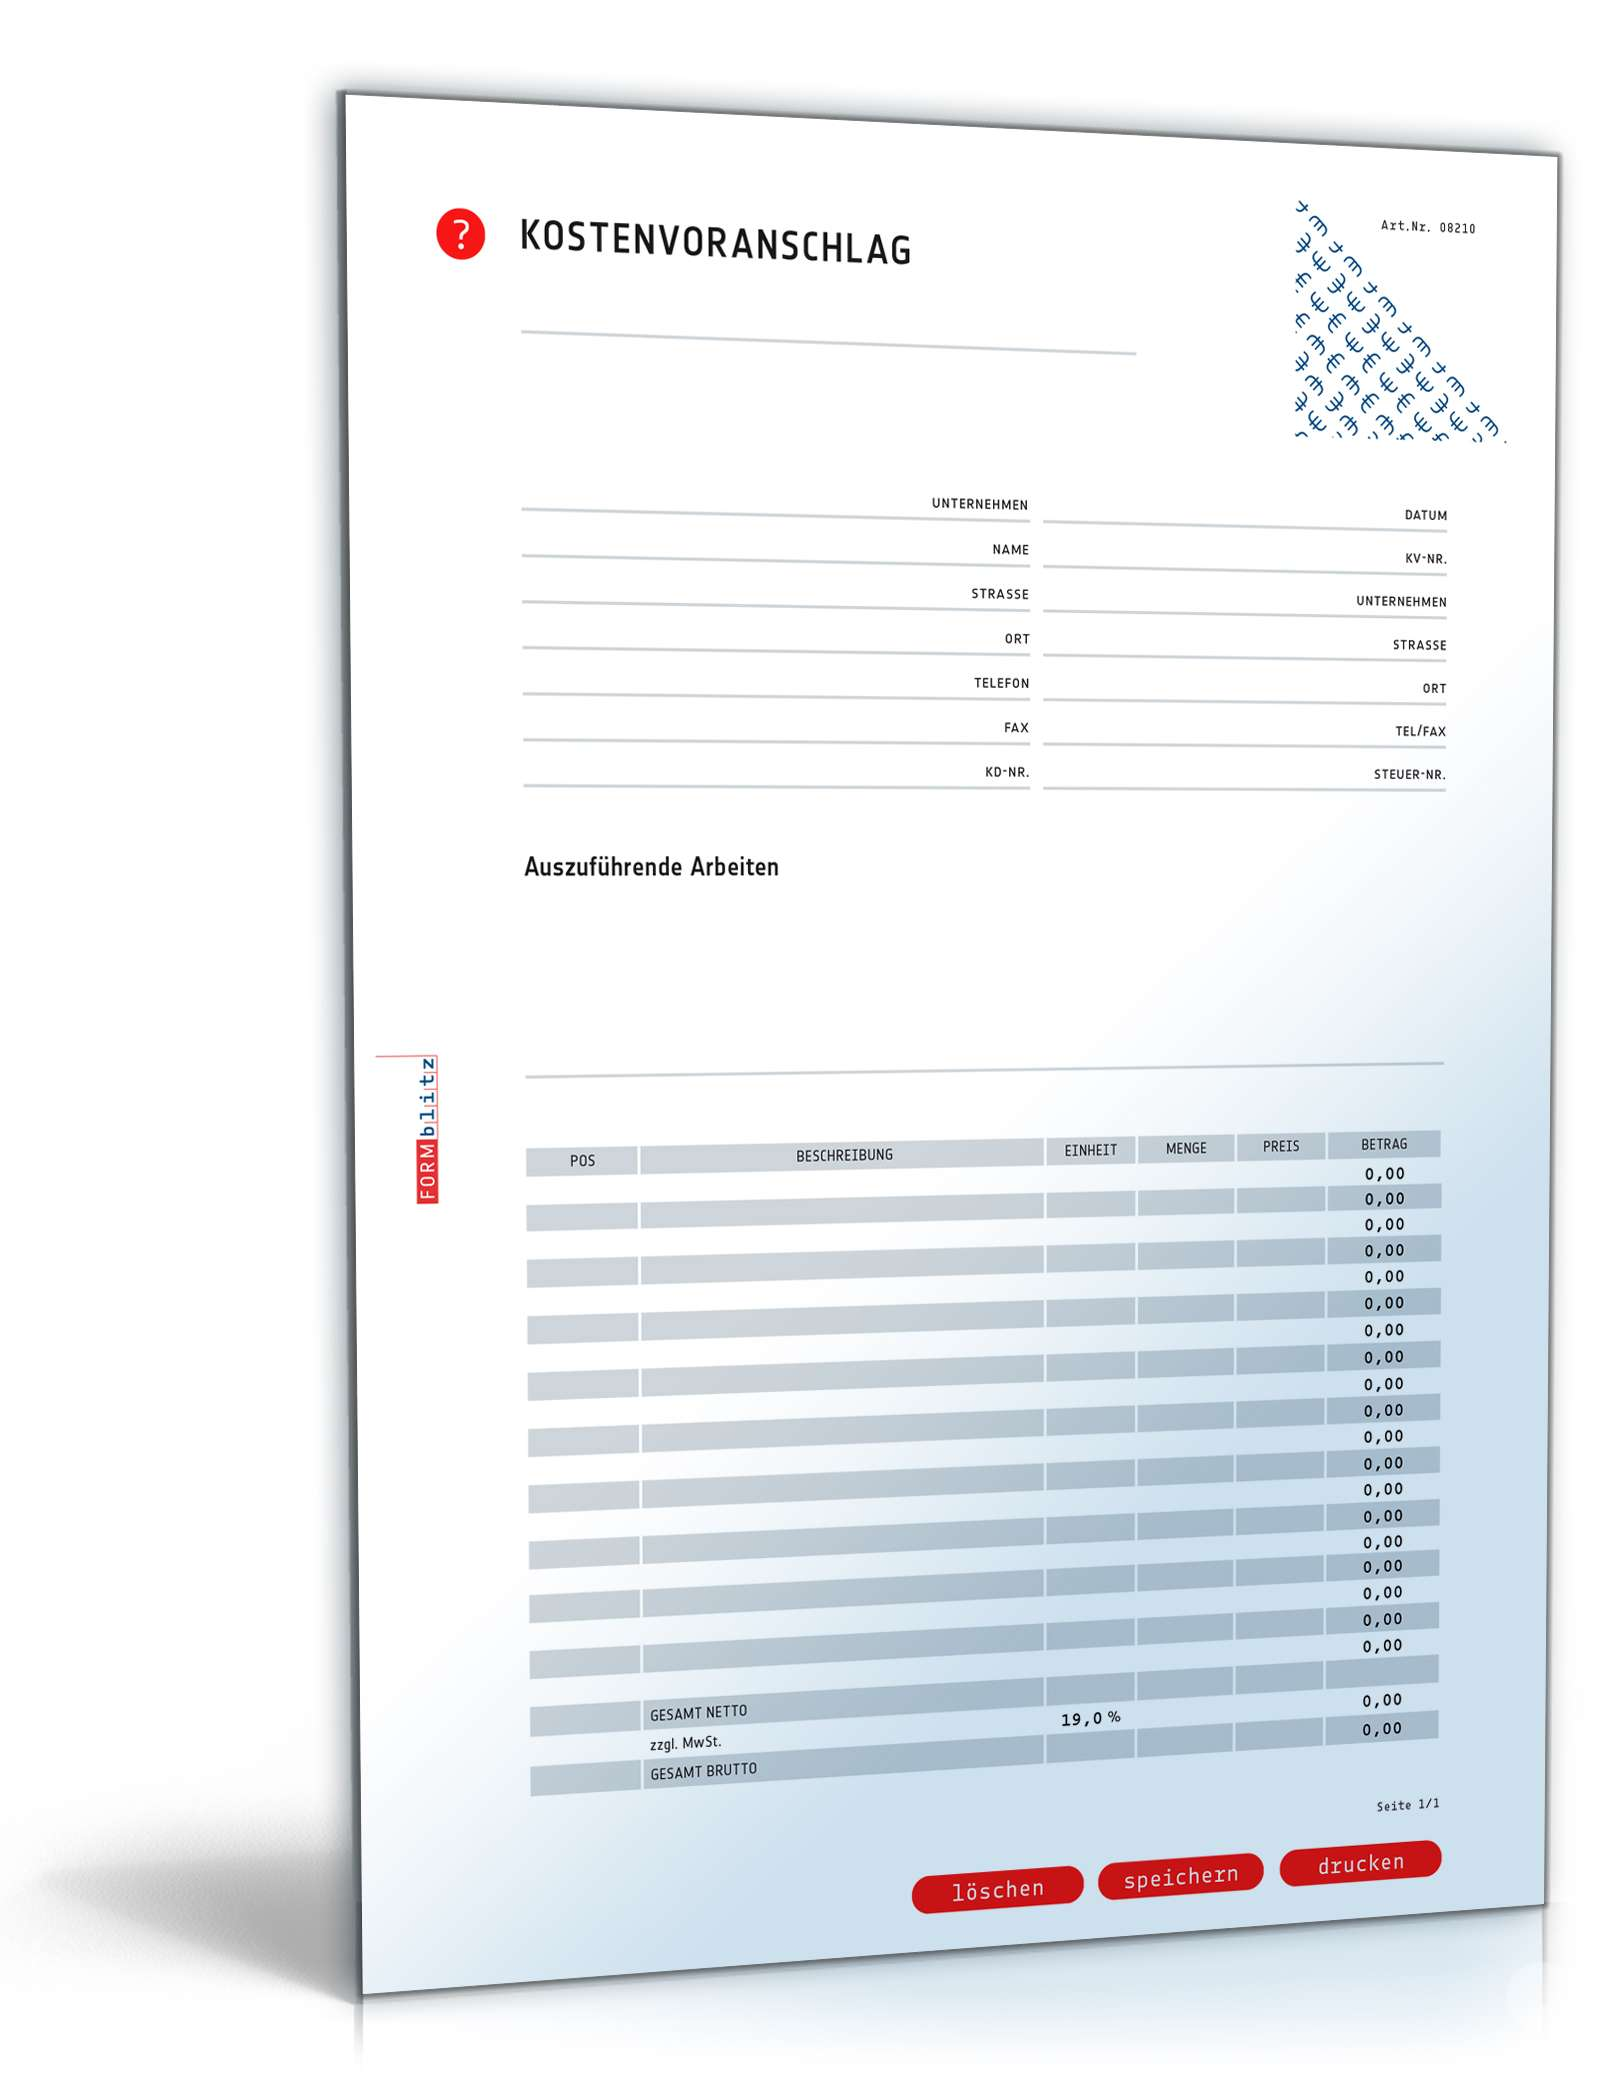 Kostenvoranschlag Inkl Angebot Muster Zum Download